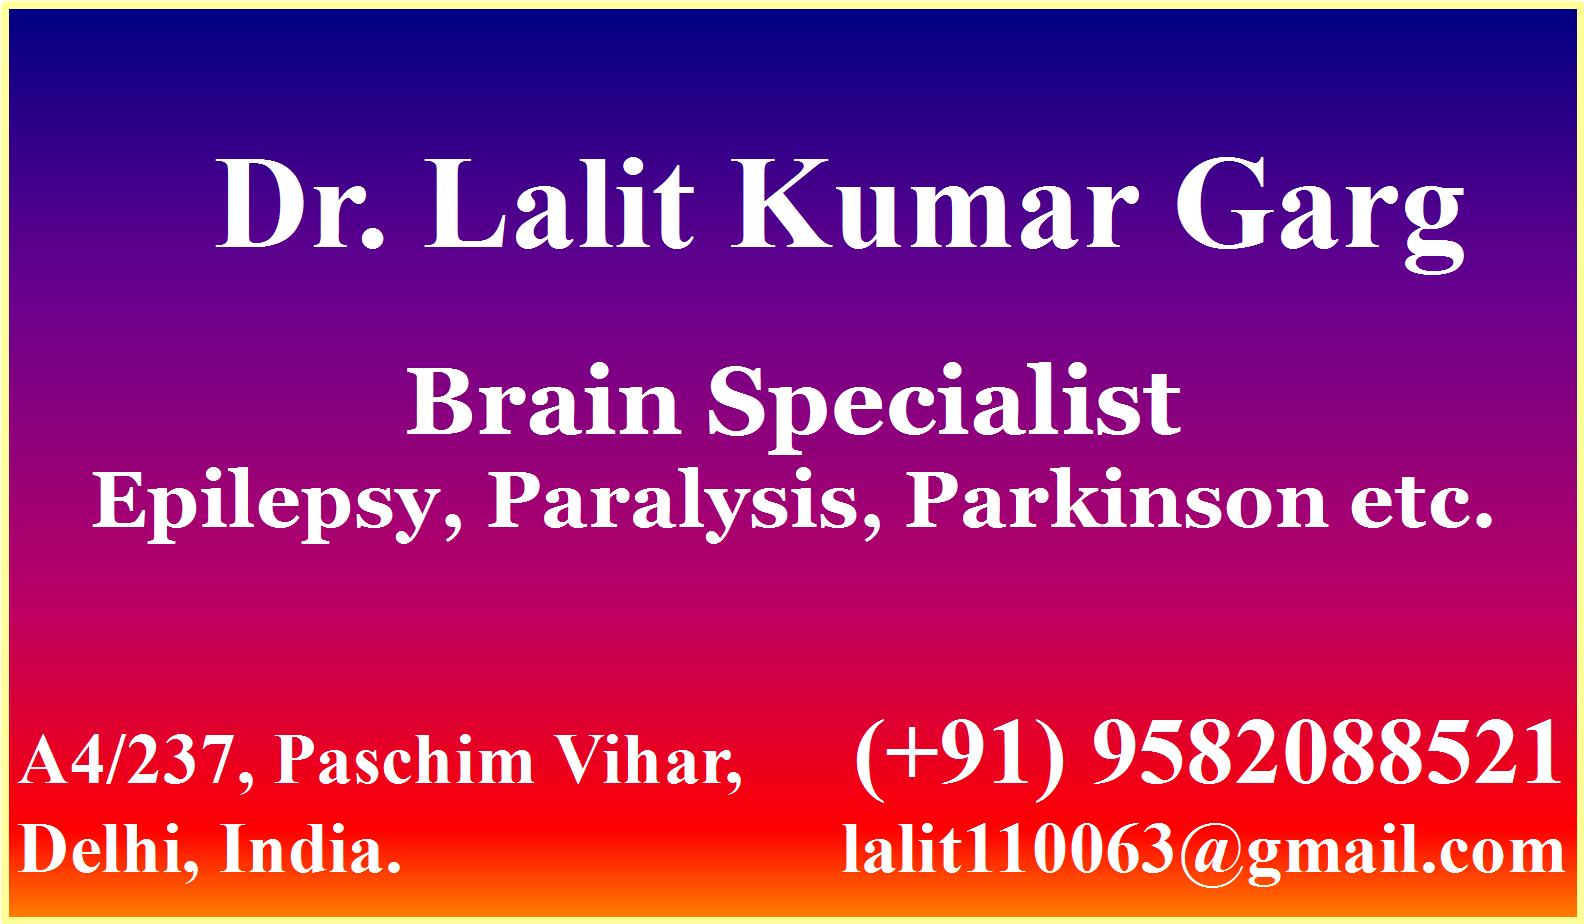 Brain Specialist  Dr. Lalit Kumar Garg    neurologist